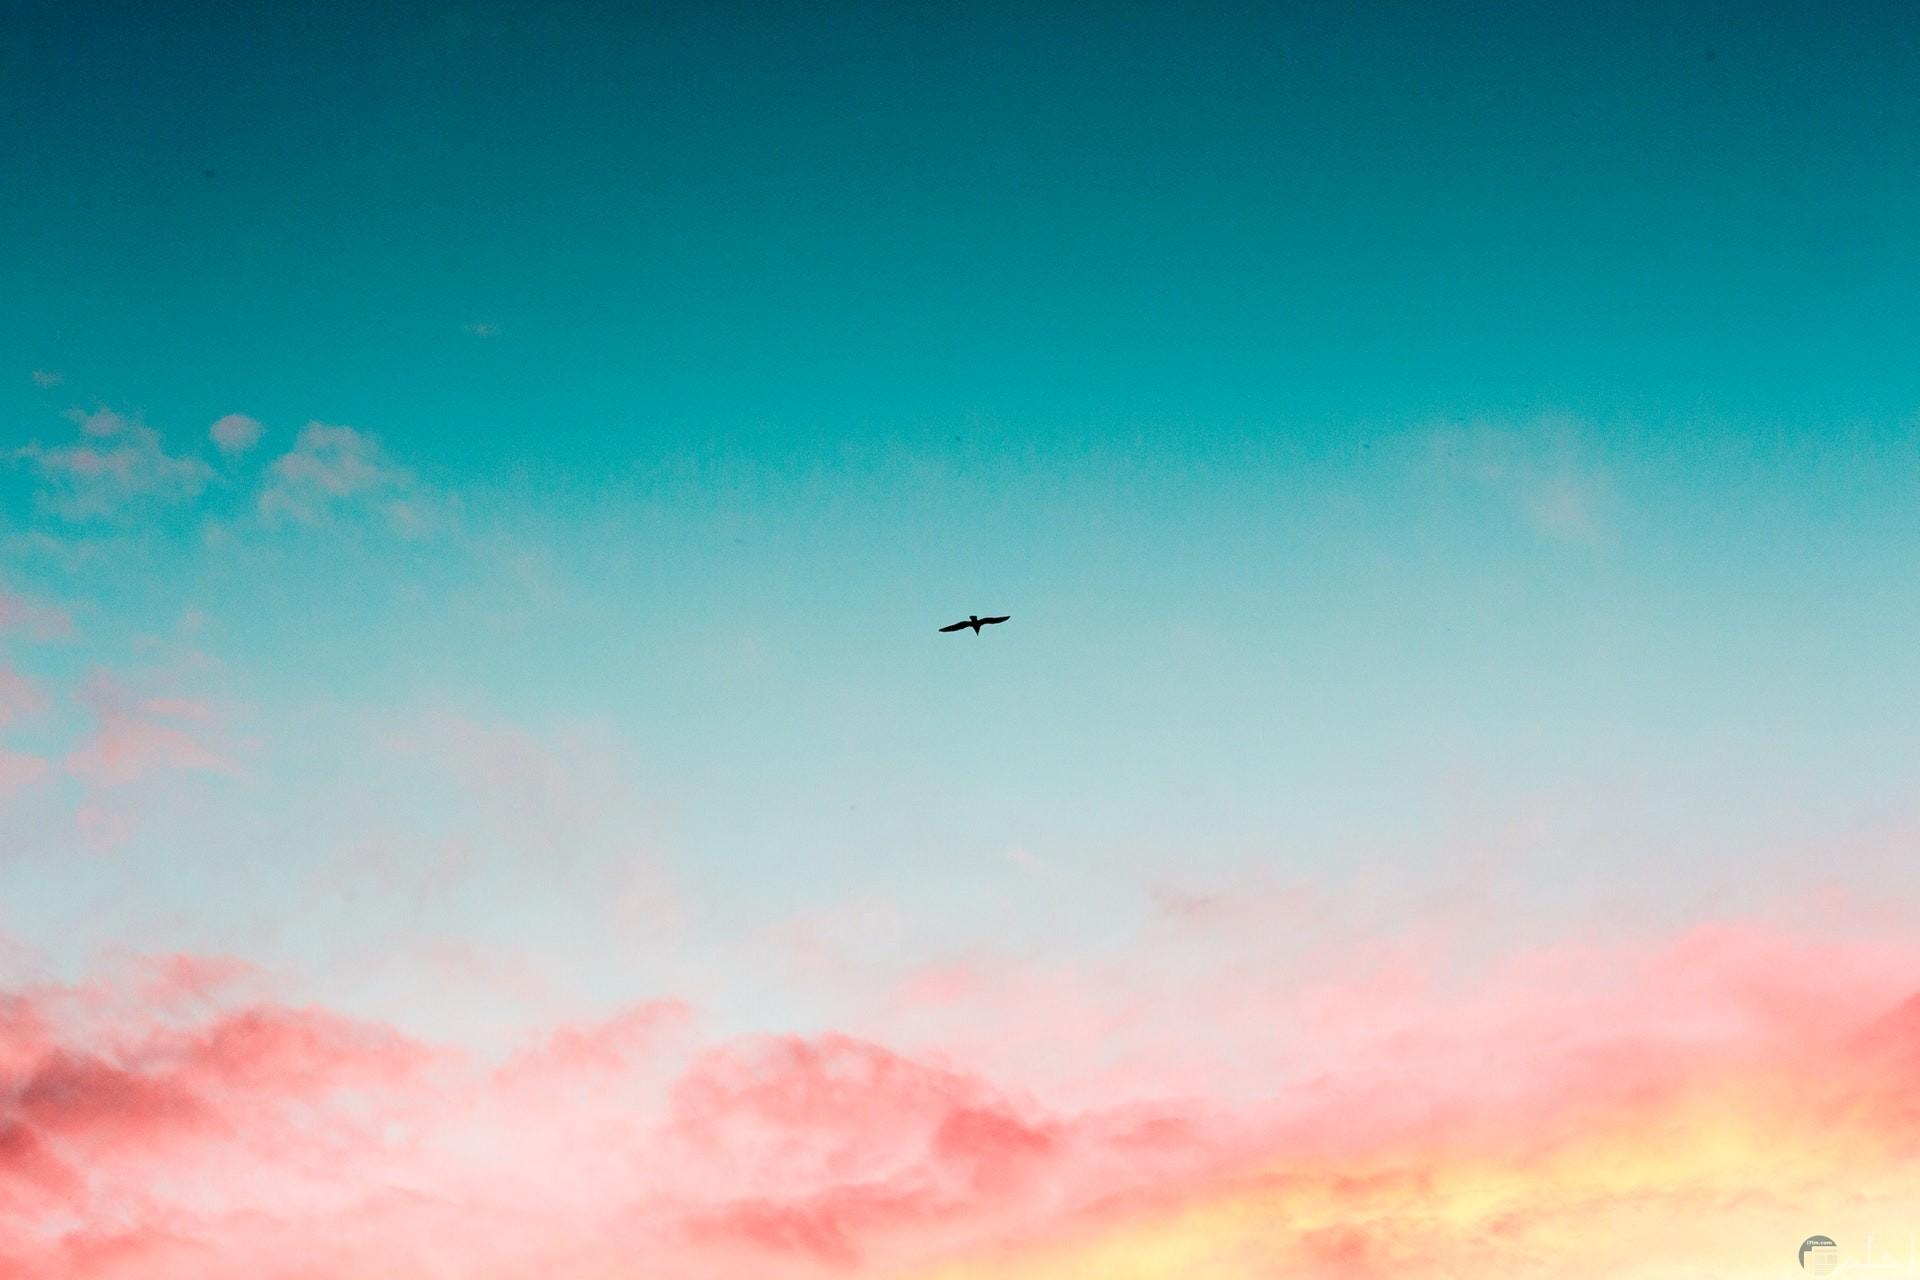 صورة جميلة للفيس بوك للسماء والغيوم حلوة جدا